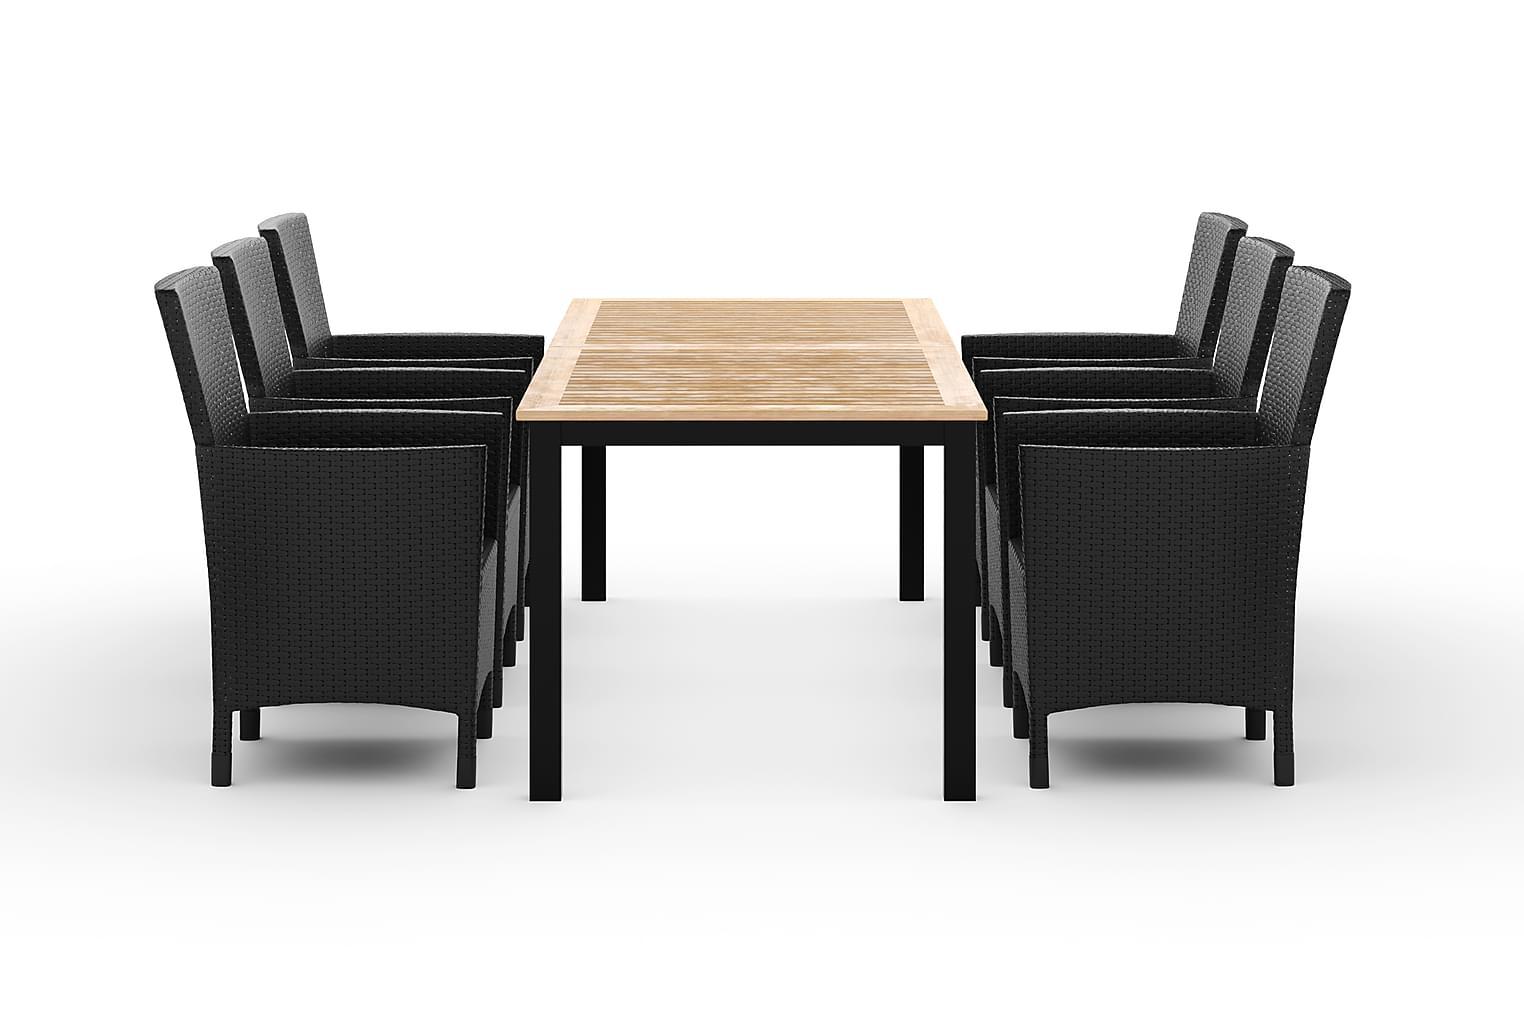 LORETO Pöytä 152-210 + 6 Nojatuolia Musta